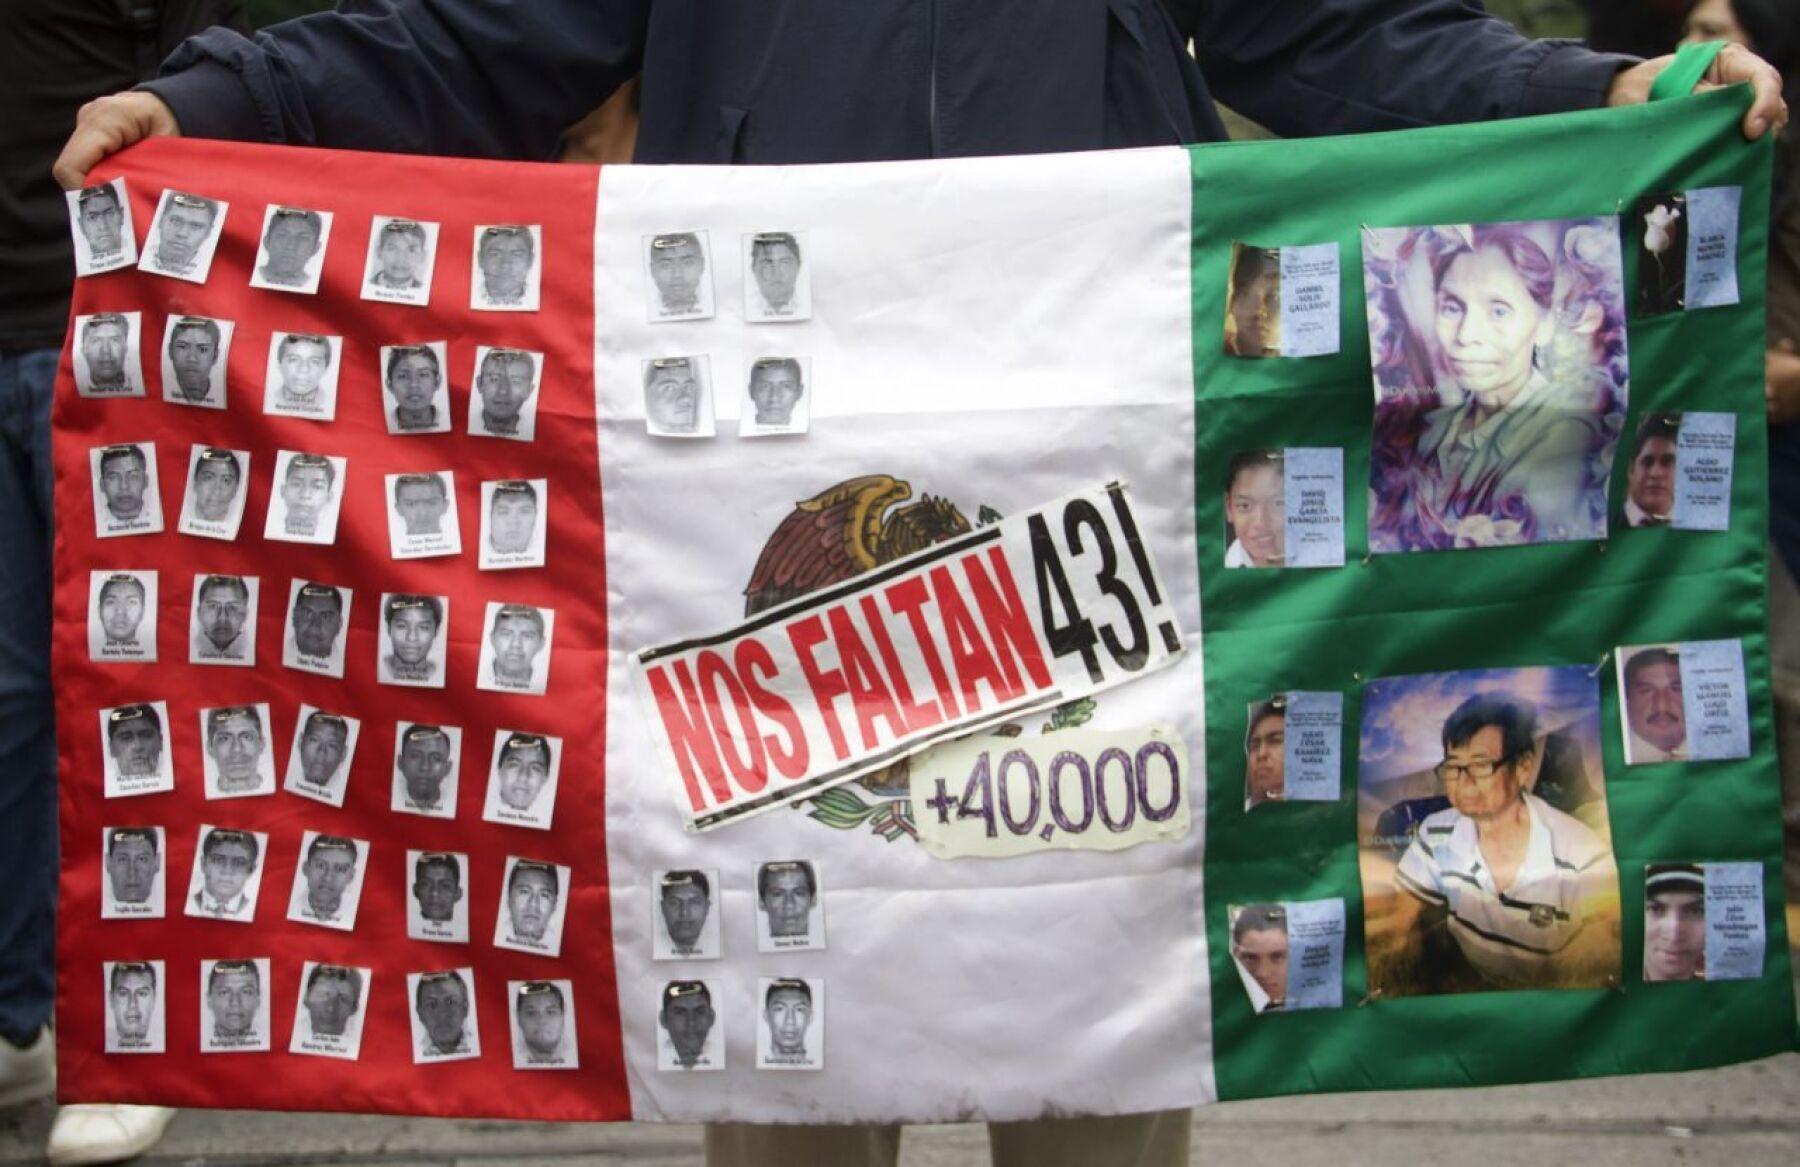 CIUDAD DE MÉXICO, 26OCTUBRE2019.- Familiares, Integrantes de colectivos en defensa de los derechos humanos y normalistas, se manifestaron con motivo del mes 61 sin respuesta ni aparición de los 43 normalistas de Ayotzinapa desaparecidos en Iguala el 26 de septiembre del 2014.  FOTO: ANDREA MURCIA /CUARTOSCURO.COM